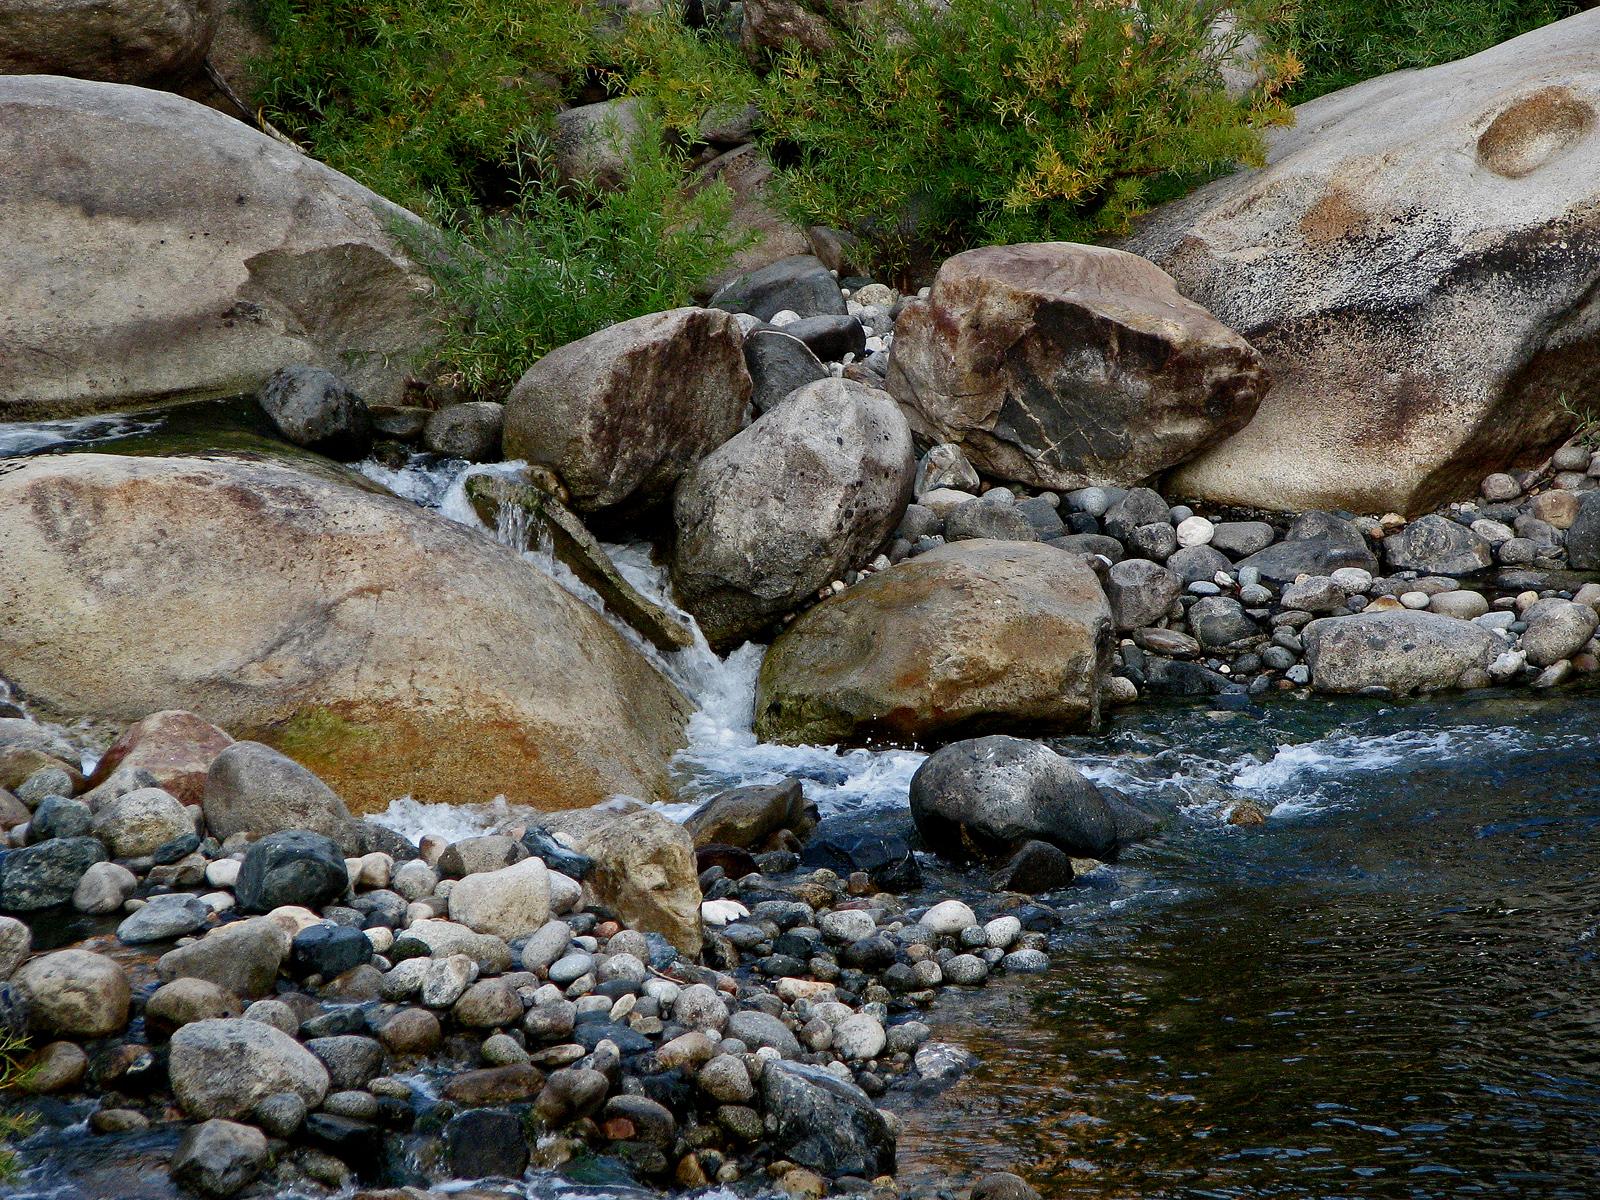 River Shore Boulders, Boulders, Bspo06, Flow, Green, HQ Photo